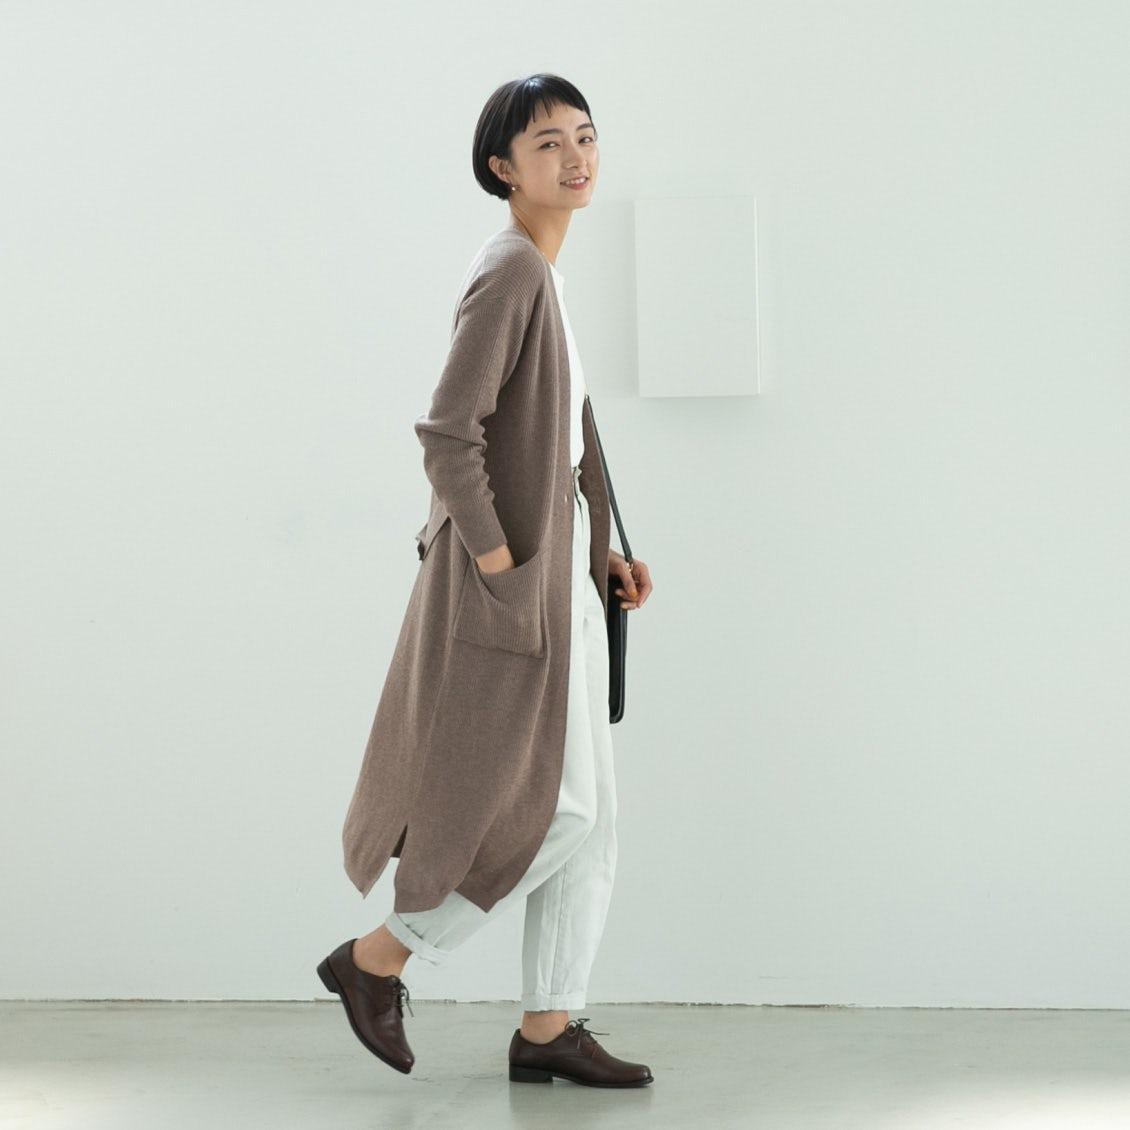 【再入荷】羽織るだけでスタイルアップ♪ 人気の「ロングカーディガン」が今年も数量限定で登場です!